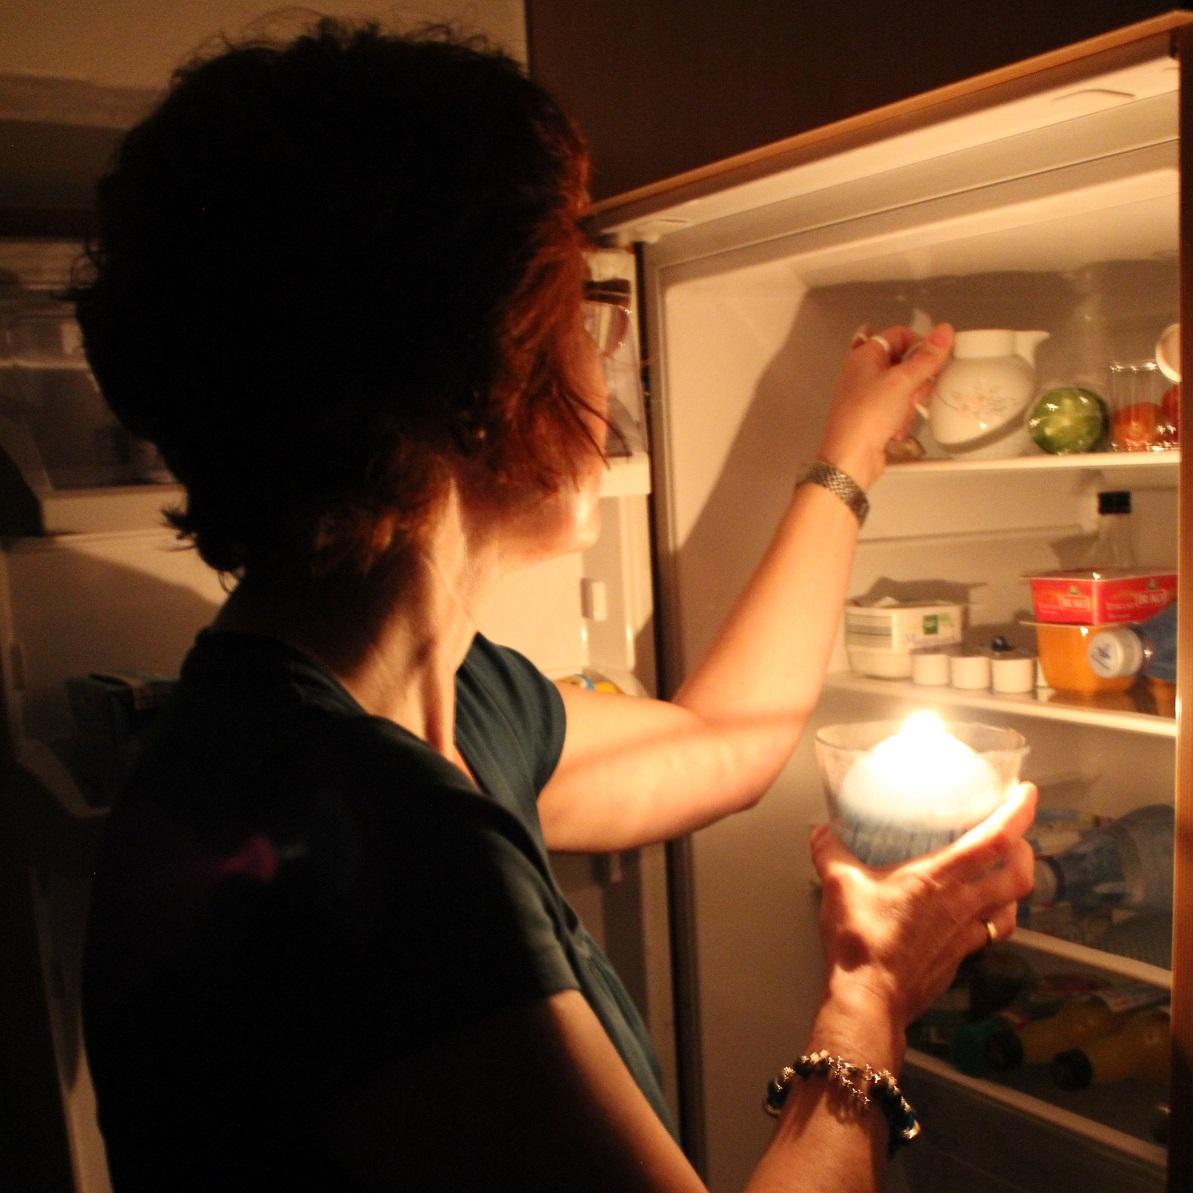 Eine Frau leuchtet während eines Stromausfalls mit einer Kerze in ihren Kühlschrank